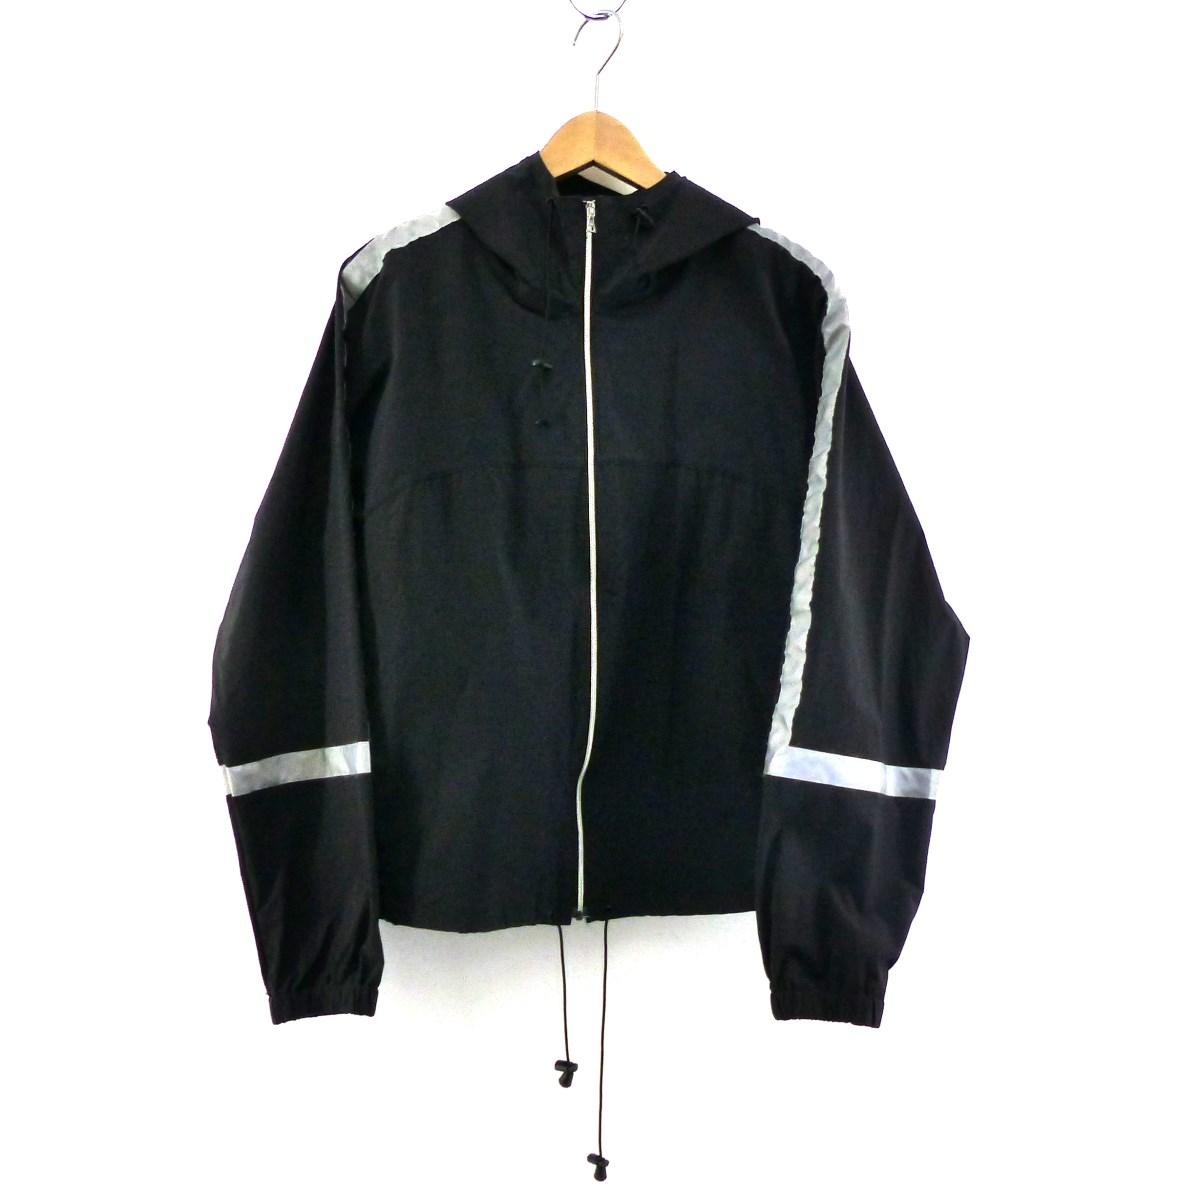 【中古】URU リフレクタージップアップジャケット ブラック サイズ:3 【160420】(ウル)